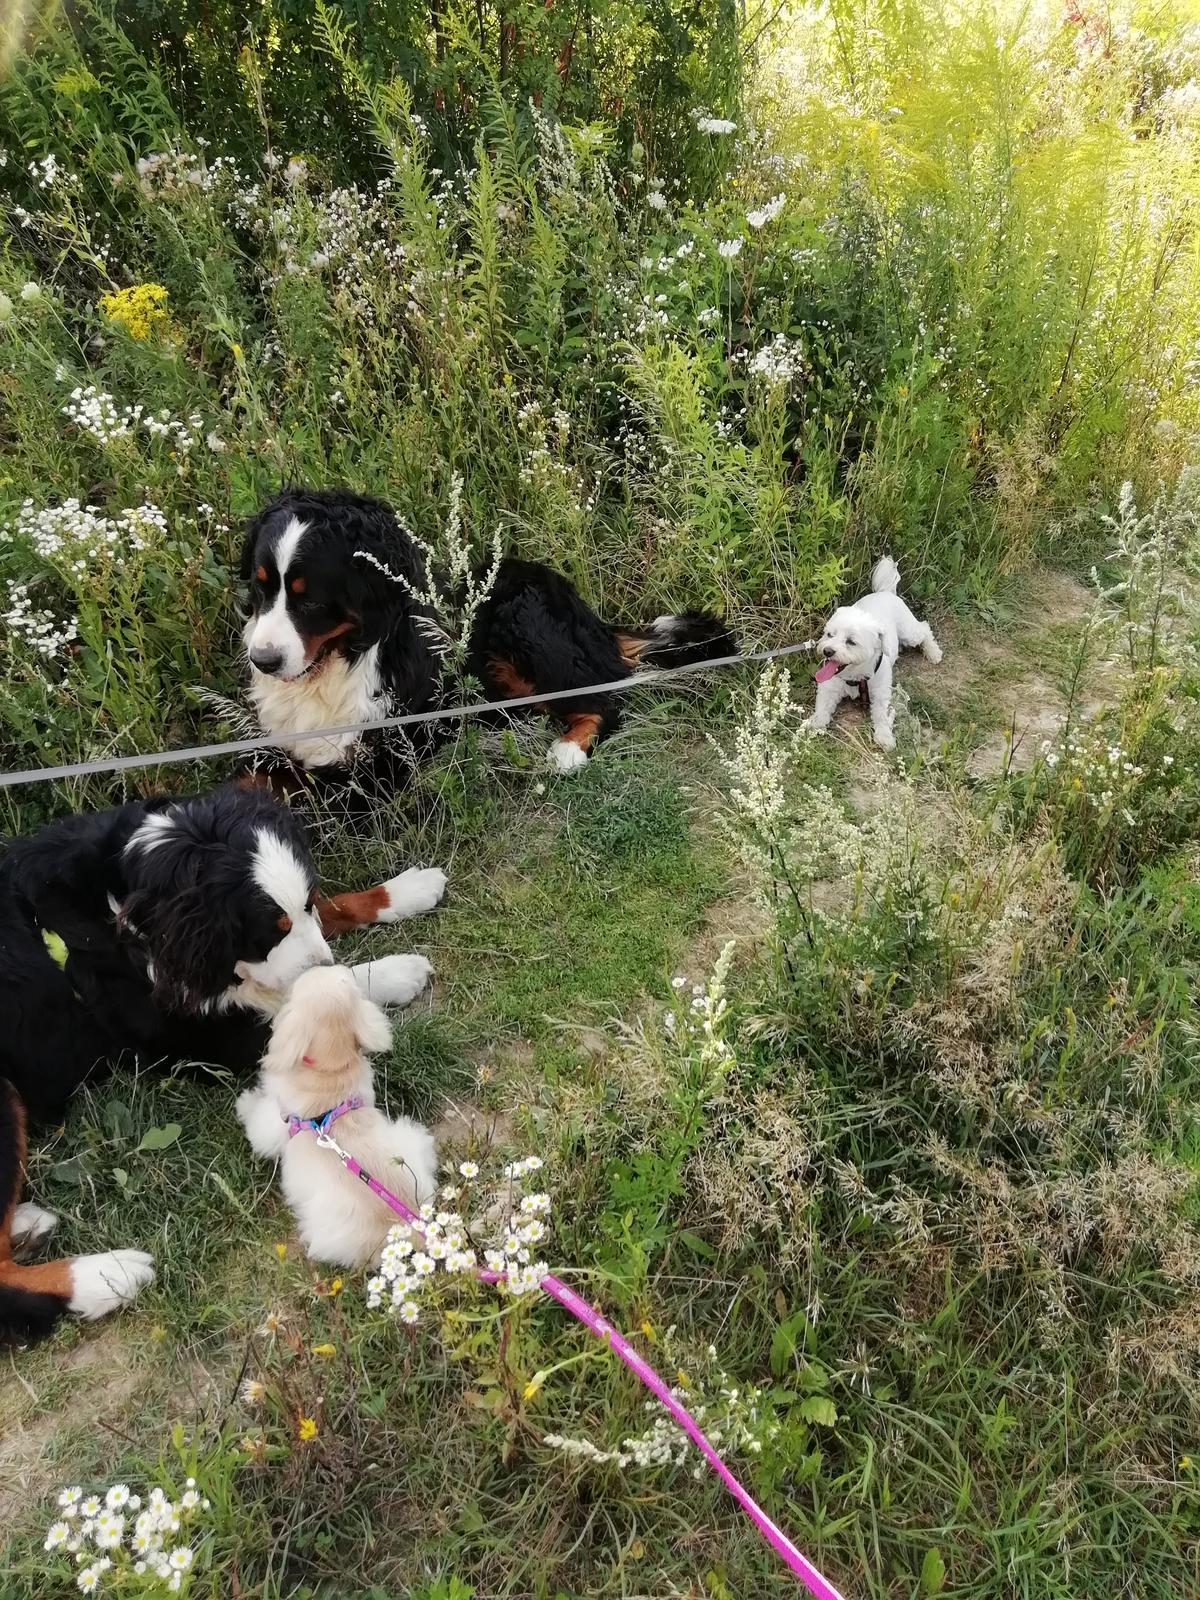 Nas zverinec - dve fenky,jeden pes a dvaja kocurikovia - Obrázok č. 91